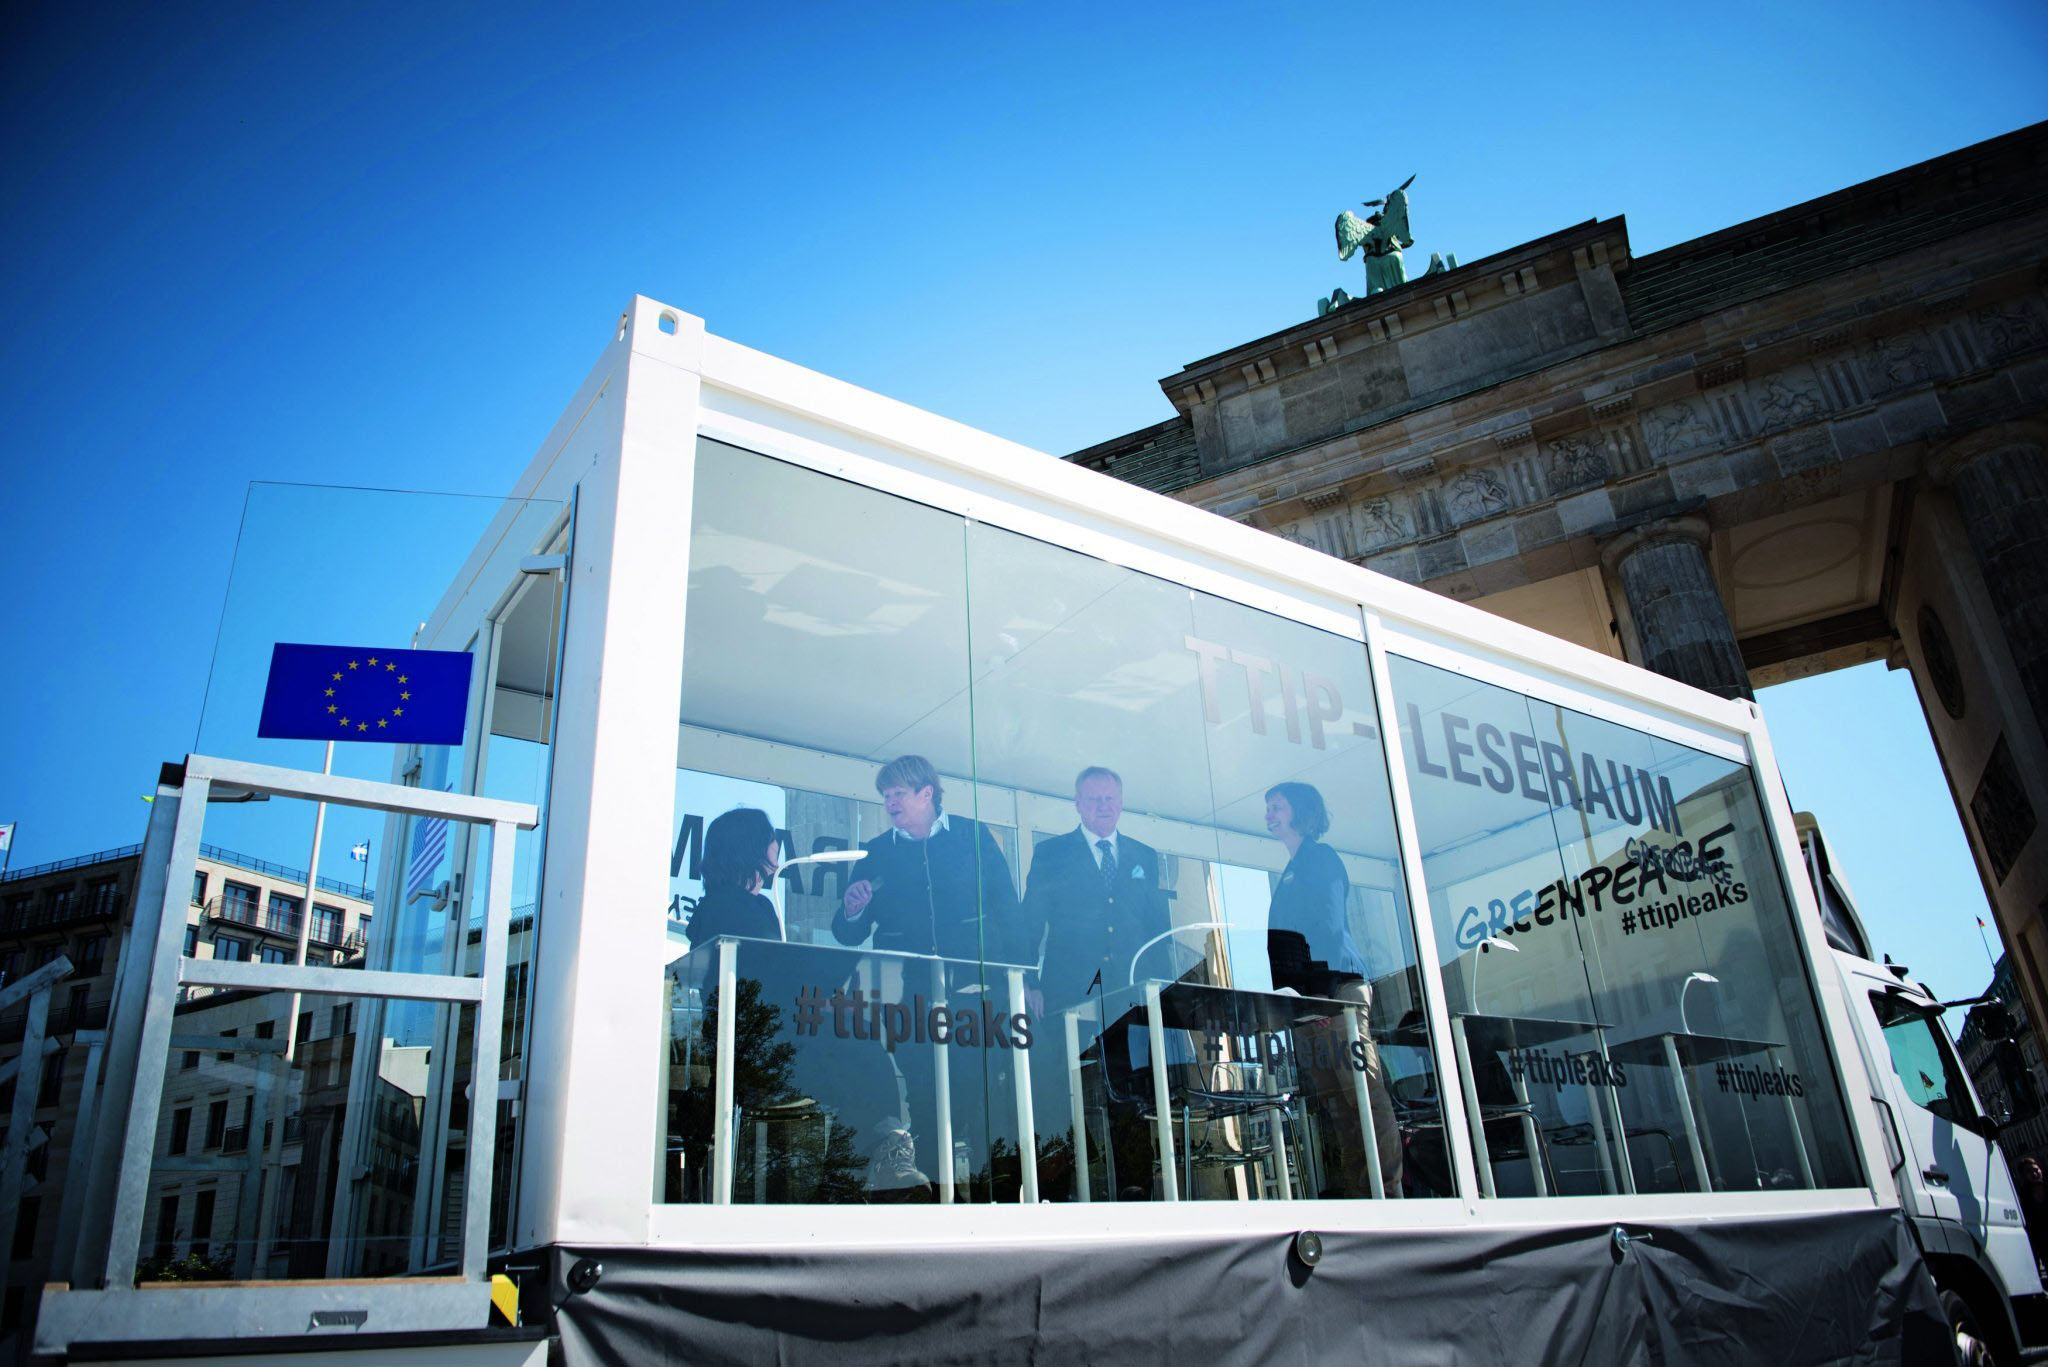 Greenpeace präsentiert geheim gehaltene TTIP-Verhandlungstexte. Der gläserne Leseraum vor dem Bradenburger Tor ist für alle zugänglich. Greenpeace setzt damit die geforderte Transparenz selbst in die Tat um.